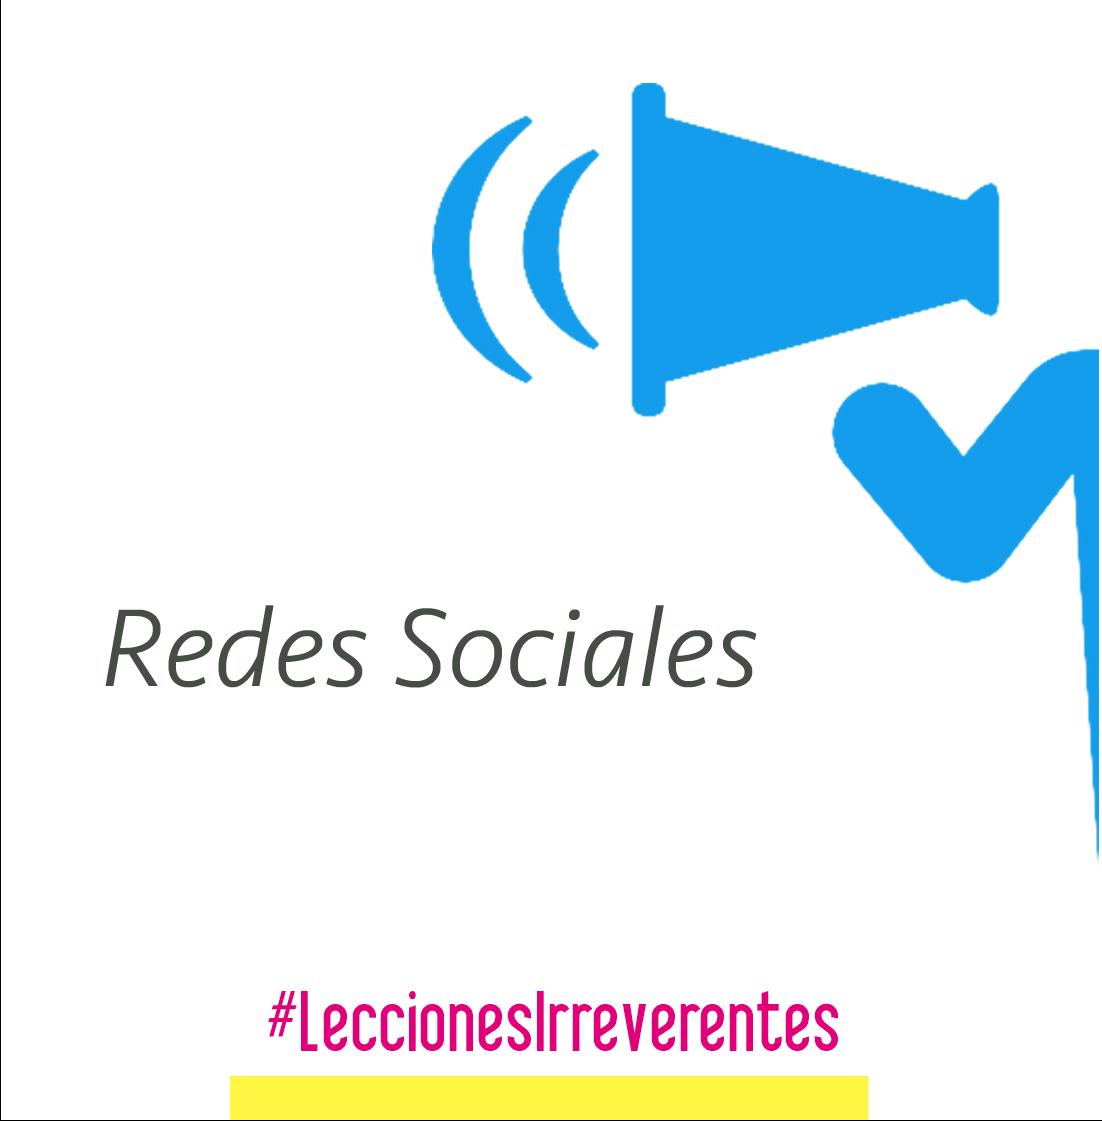 Lecciones Irreverentes - Redes Sociales